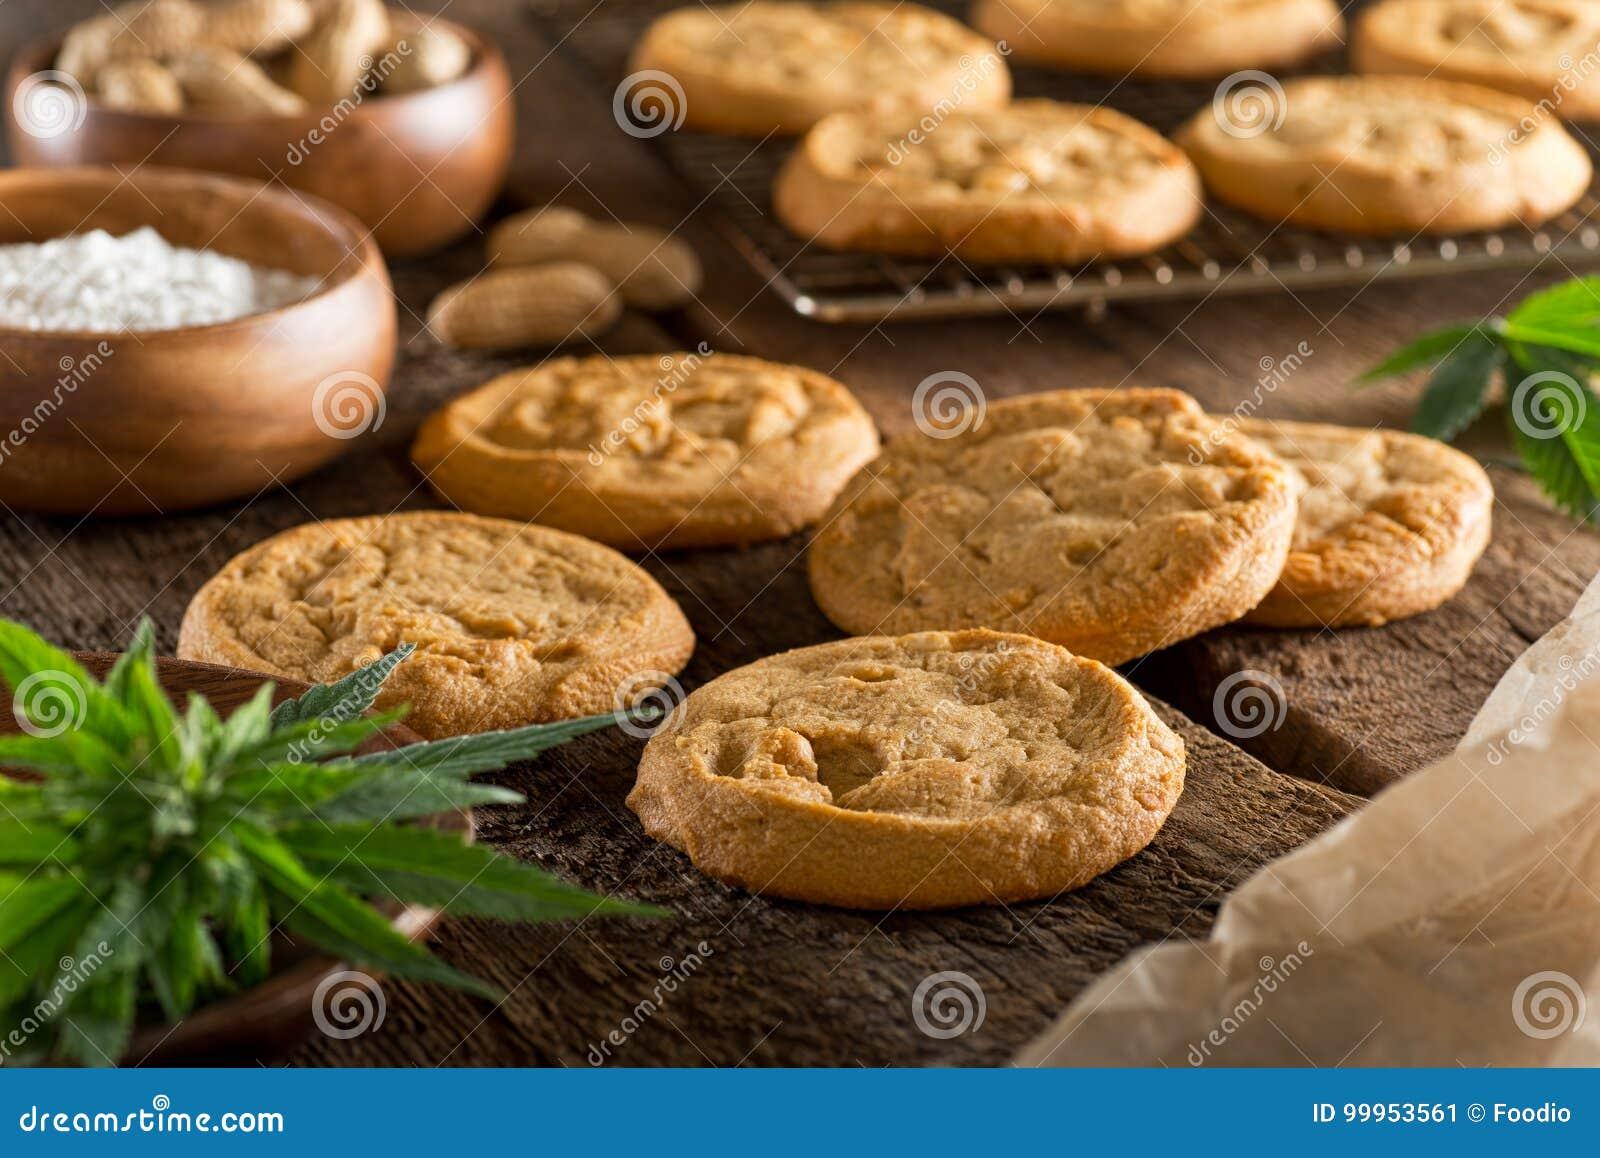 Biscuits de marijuana